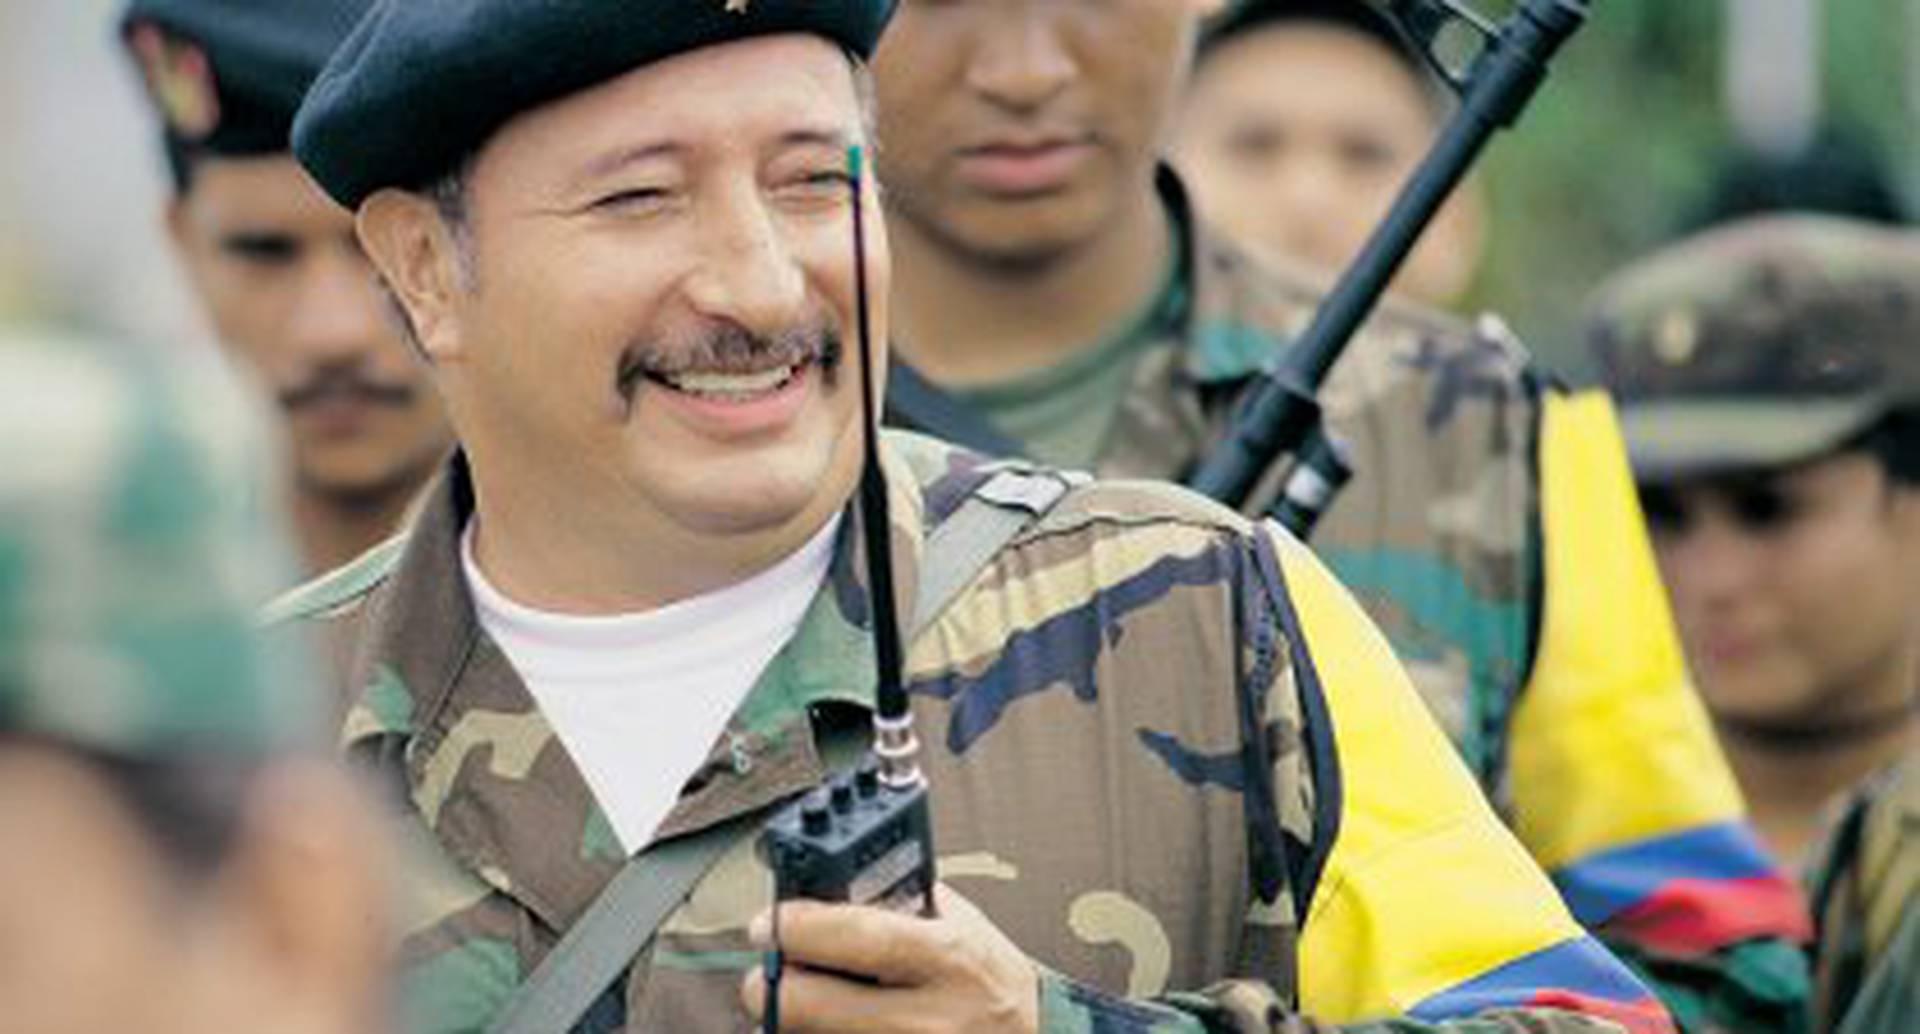 El guerrillero de las Farc 'Mono Jojoy' fue abatido por el Ejército colombiano en 2010.